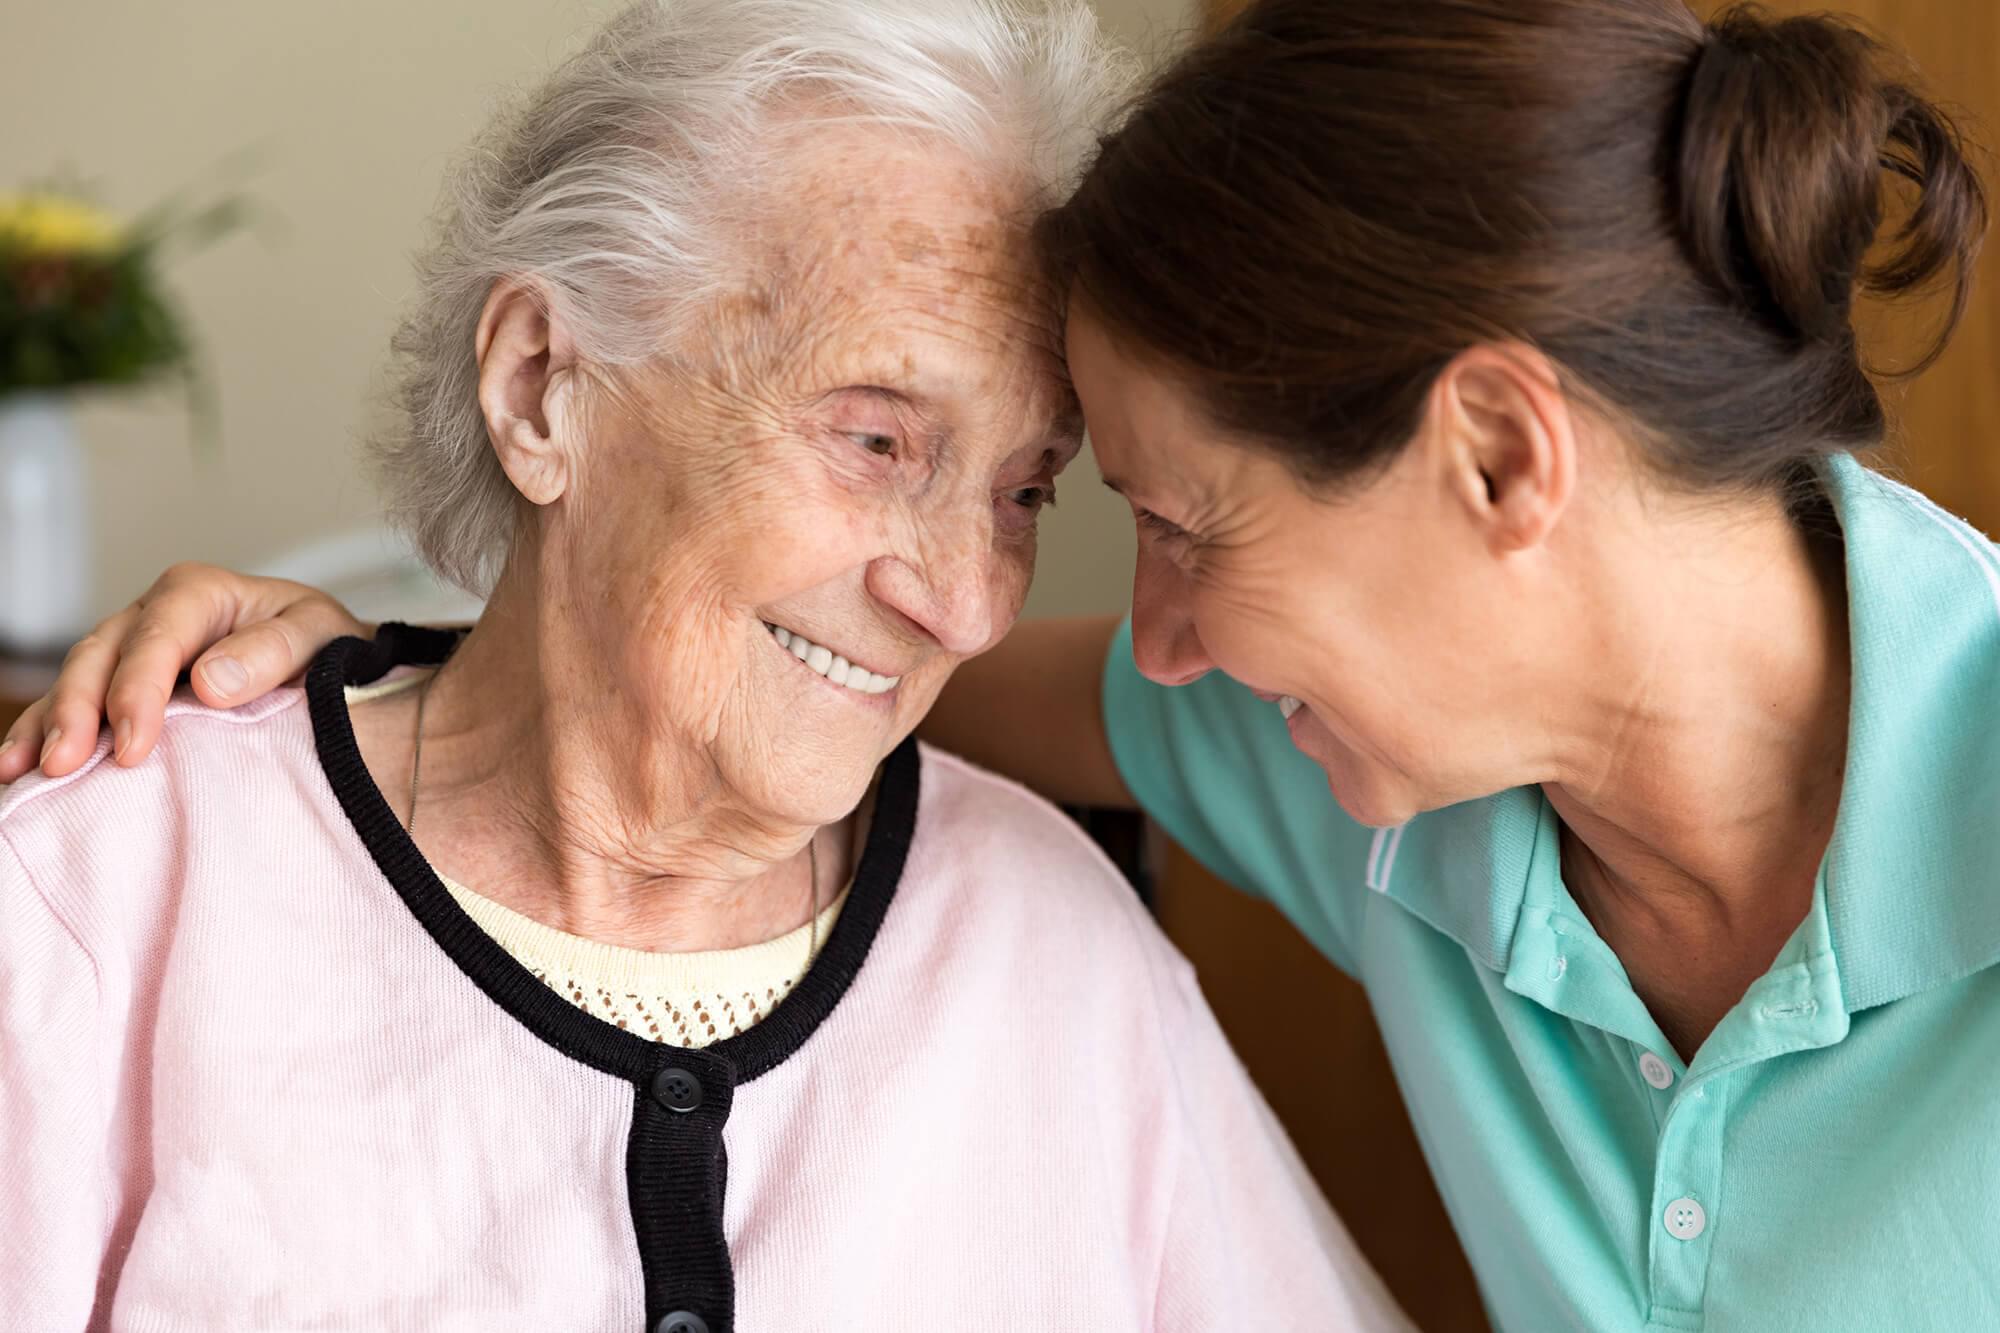 Tratamento inédito para o Alzheimer